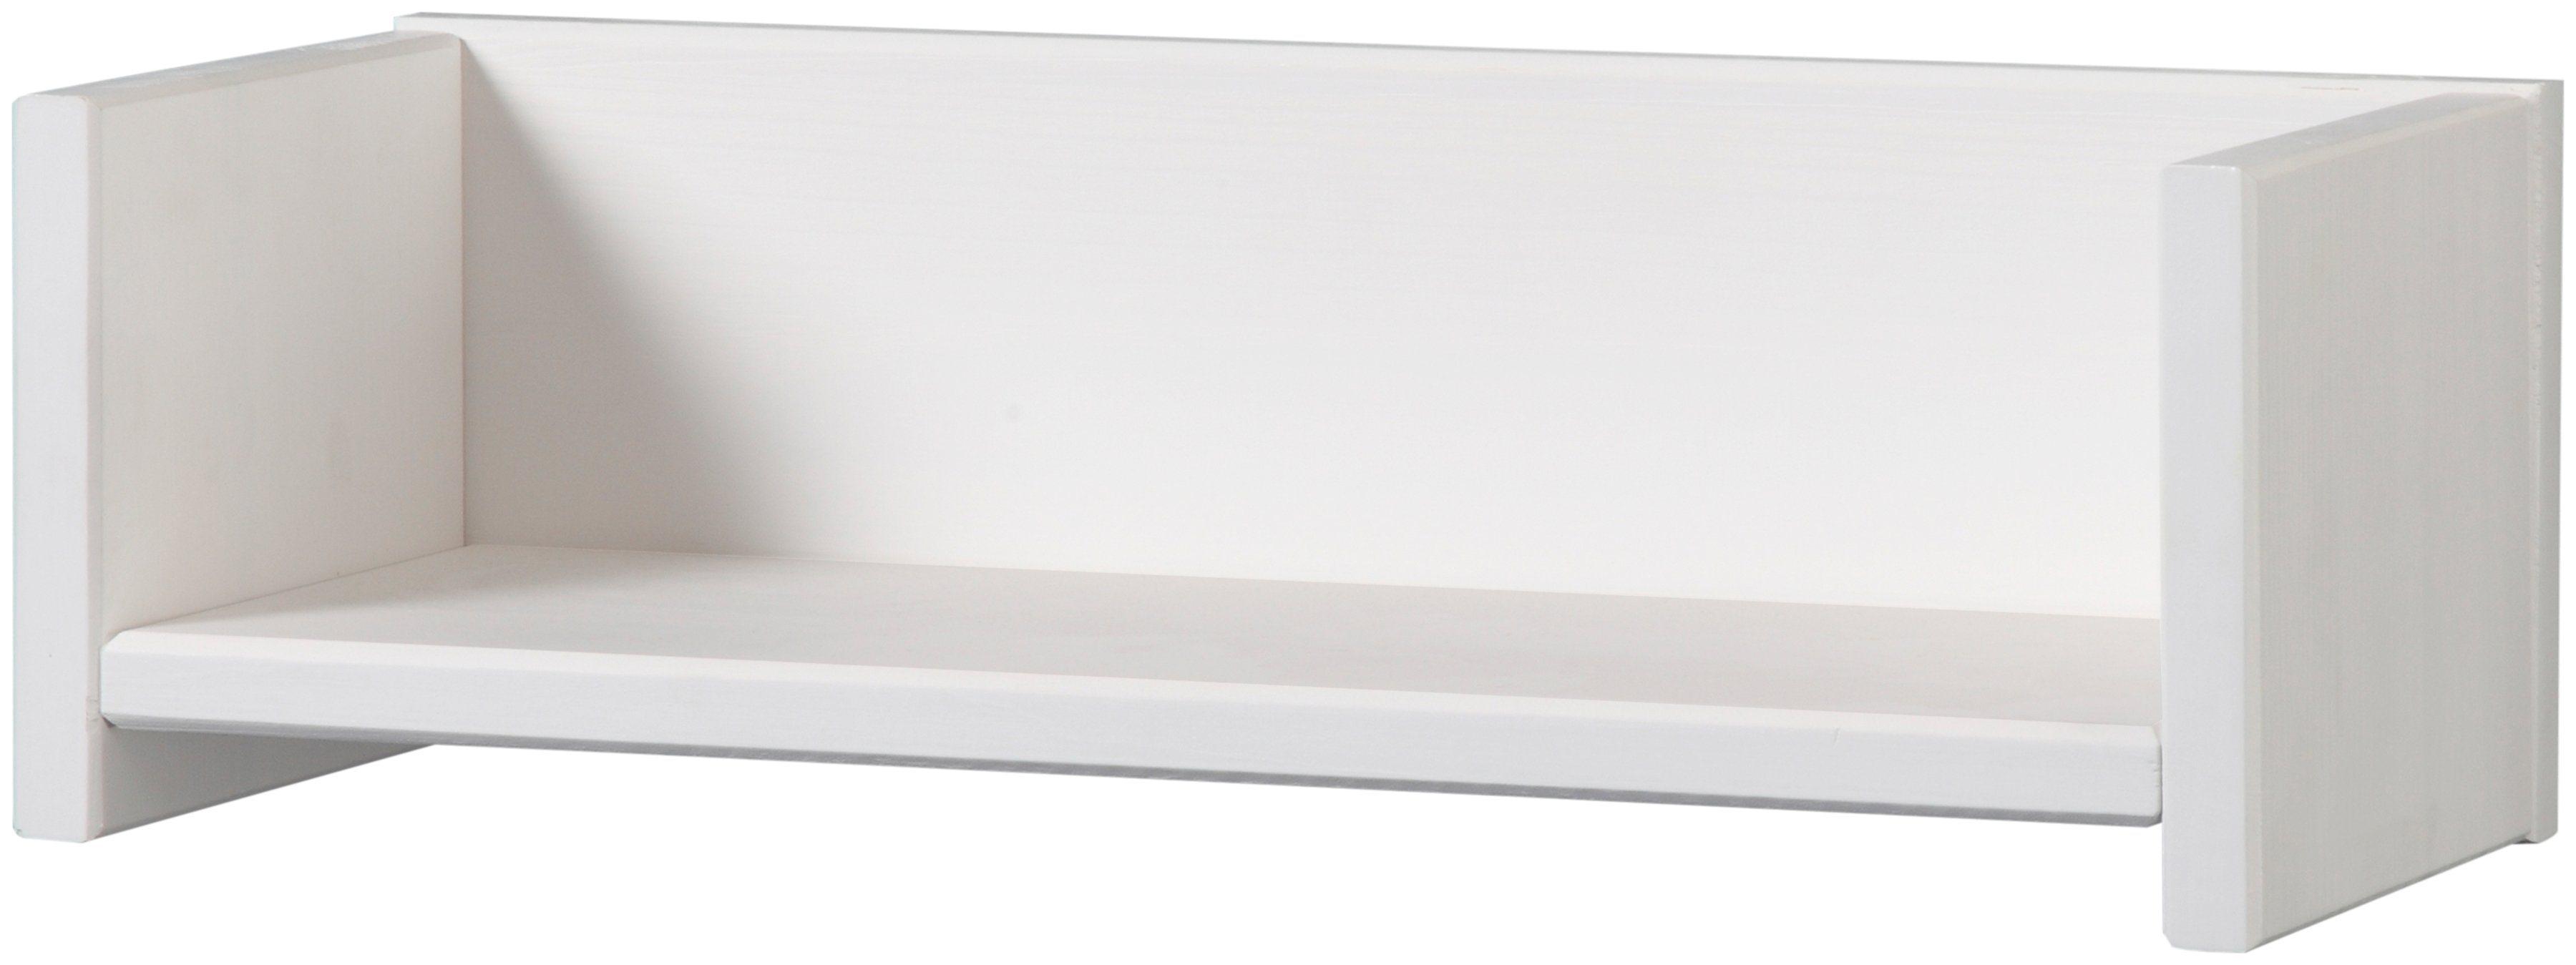 Badregal »Sylt/ Venezia«, 43 cm breit | Bad > Badmöbel > Badregale | Massivholz